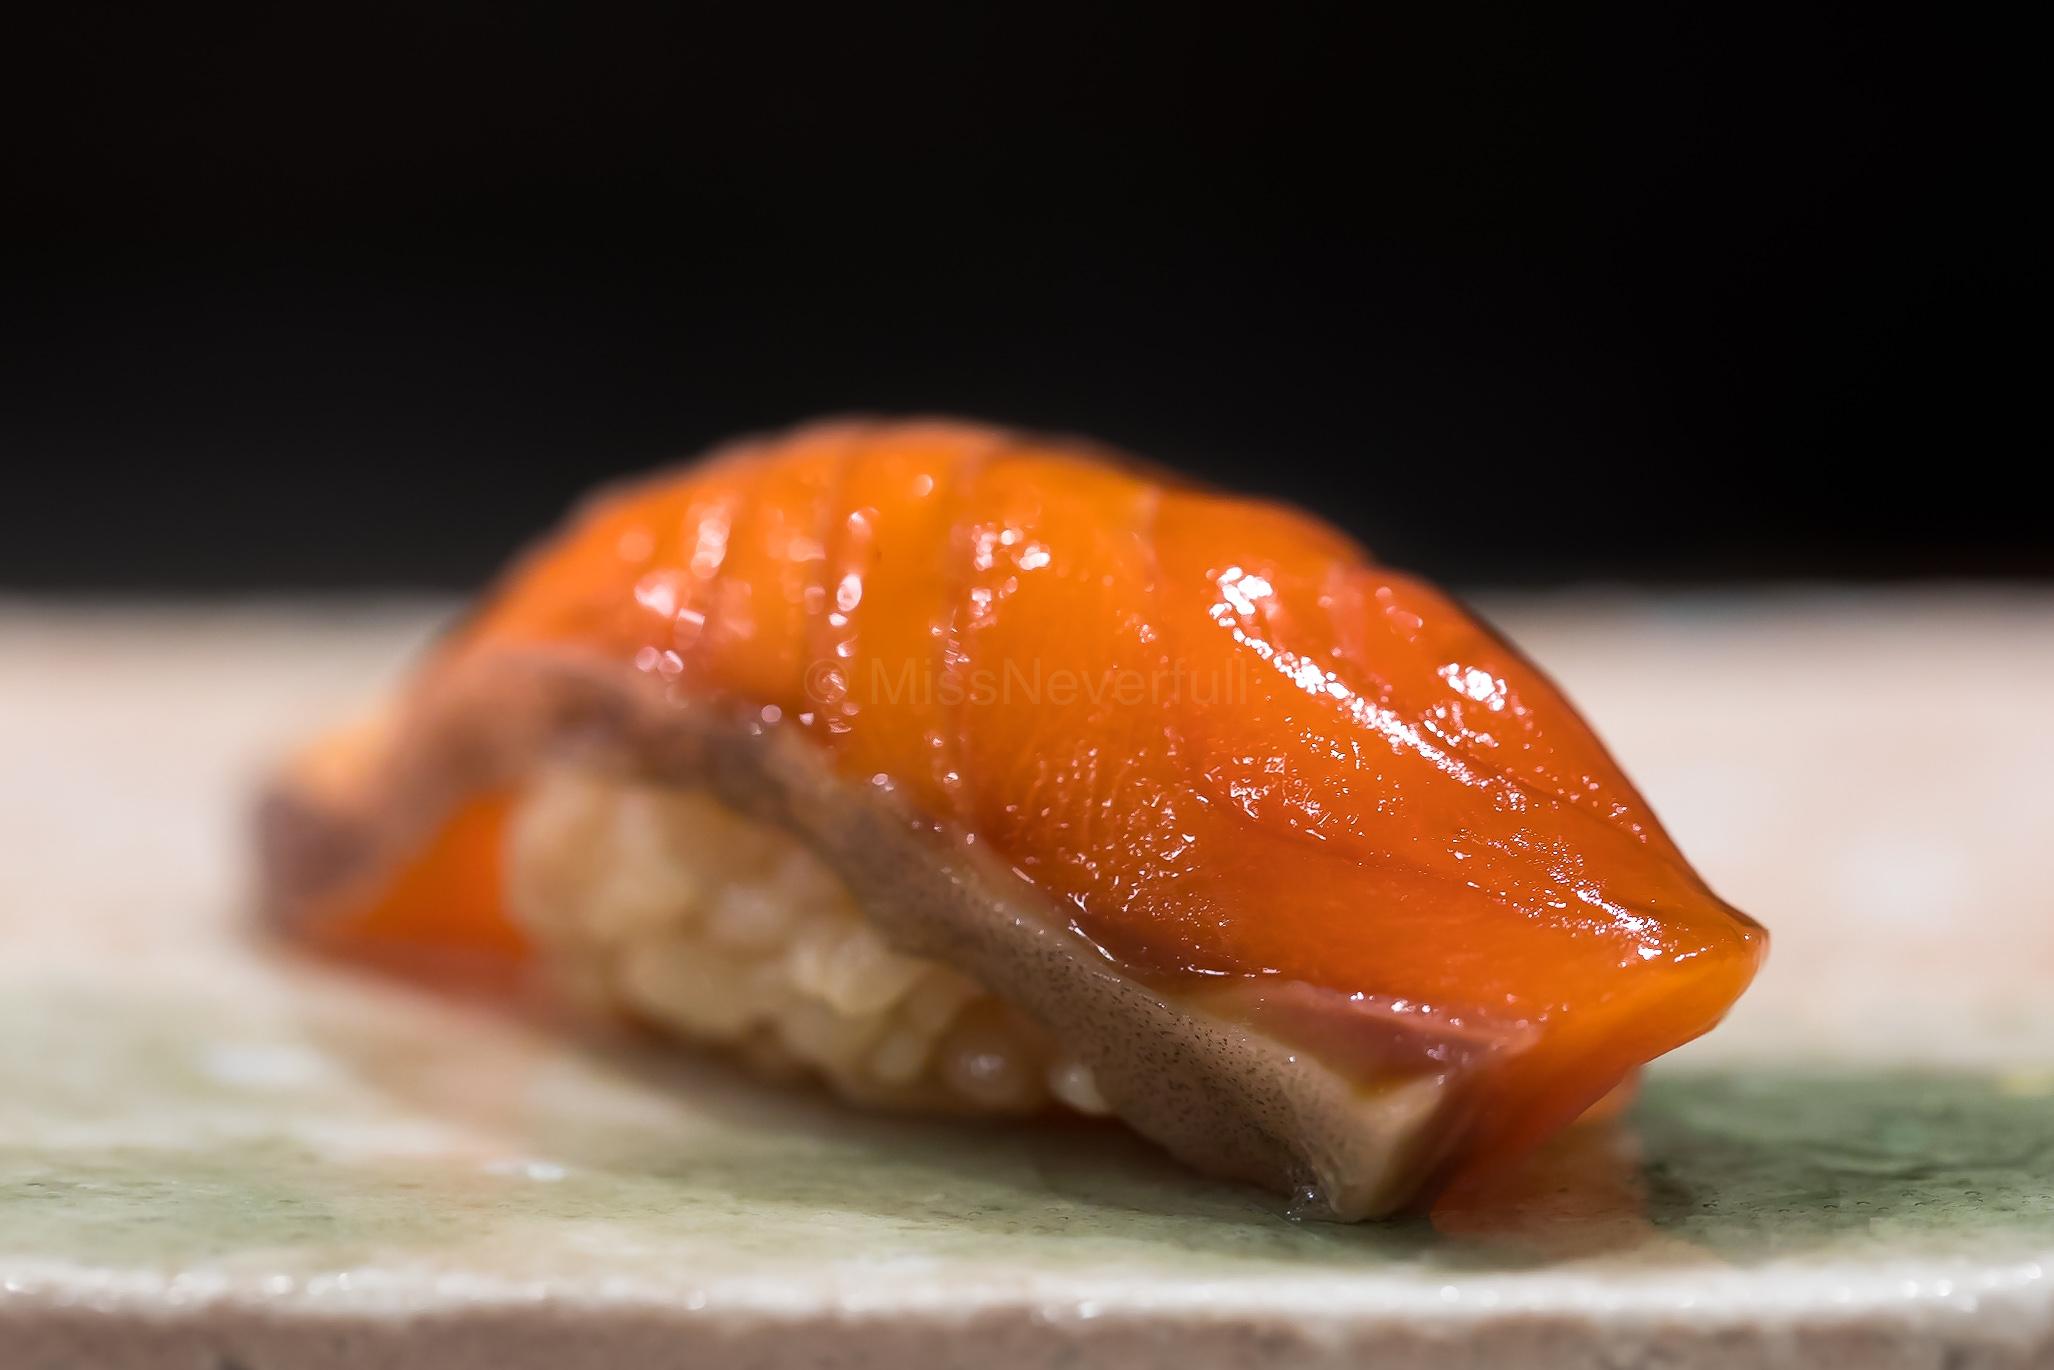 9. Masu no zuke (marinated masu) from Amurugawa, China 中國黒竜江